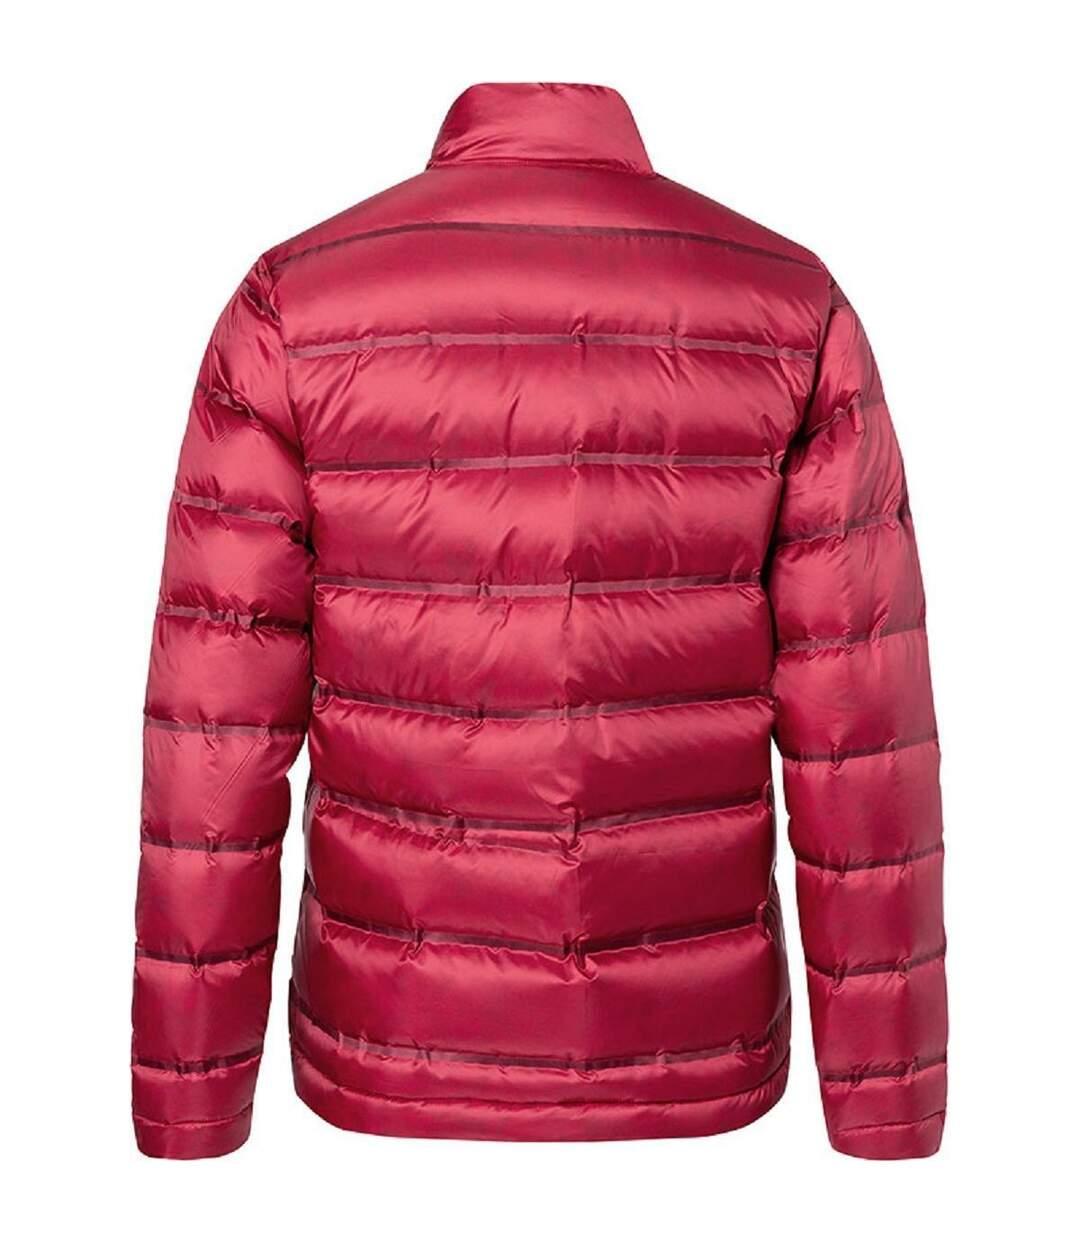 Doudoune homme légère - JN1150 - rouge